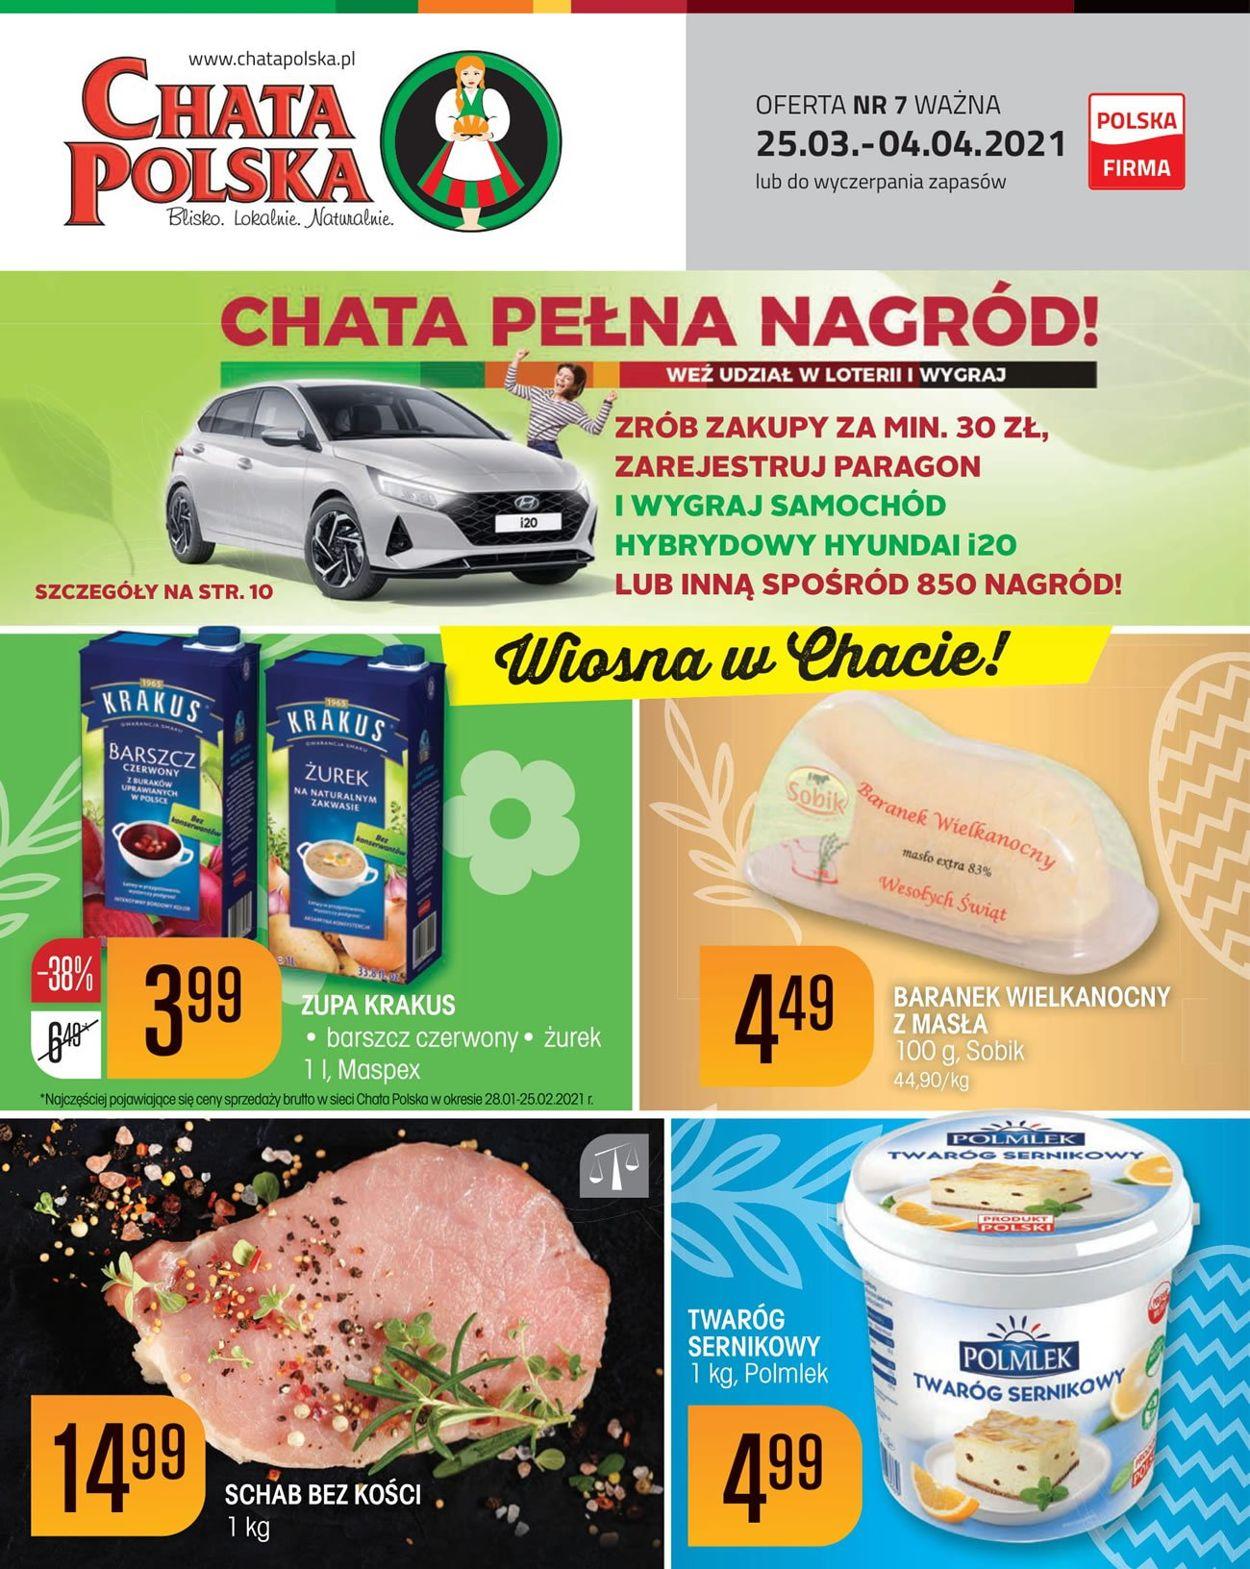 Gazetka promocyjna Chata Polska Wielkanoc 2021! - 25.03-04.04.2021